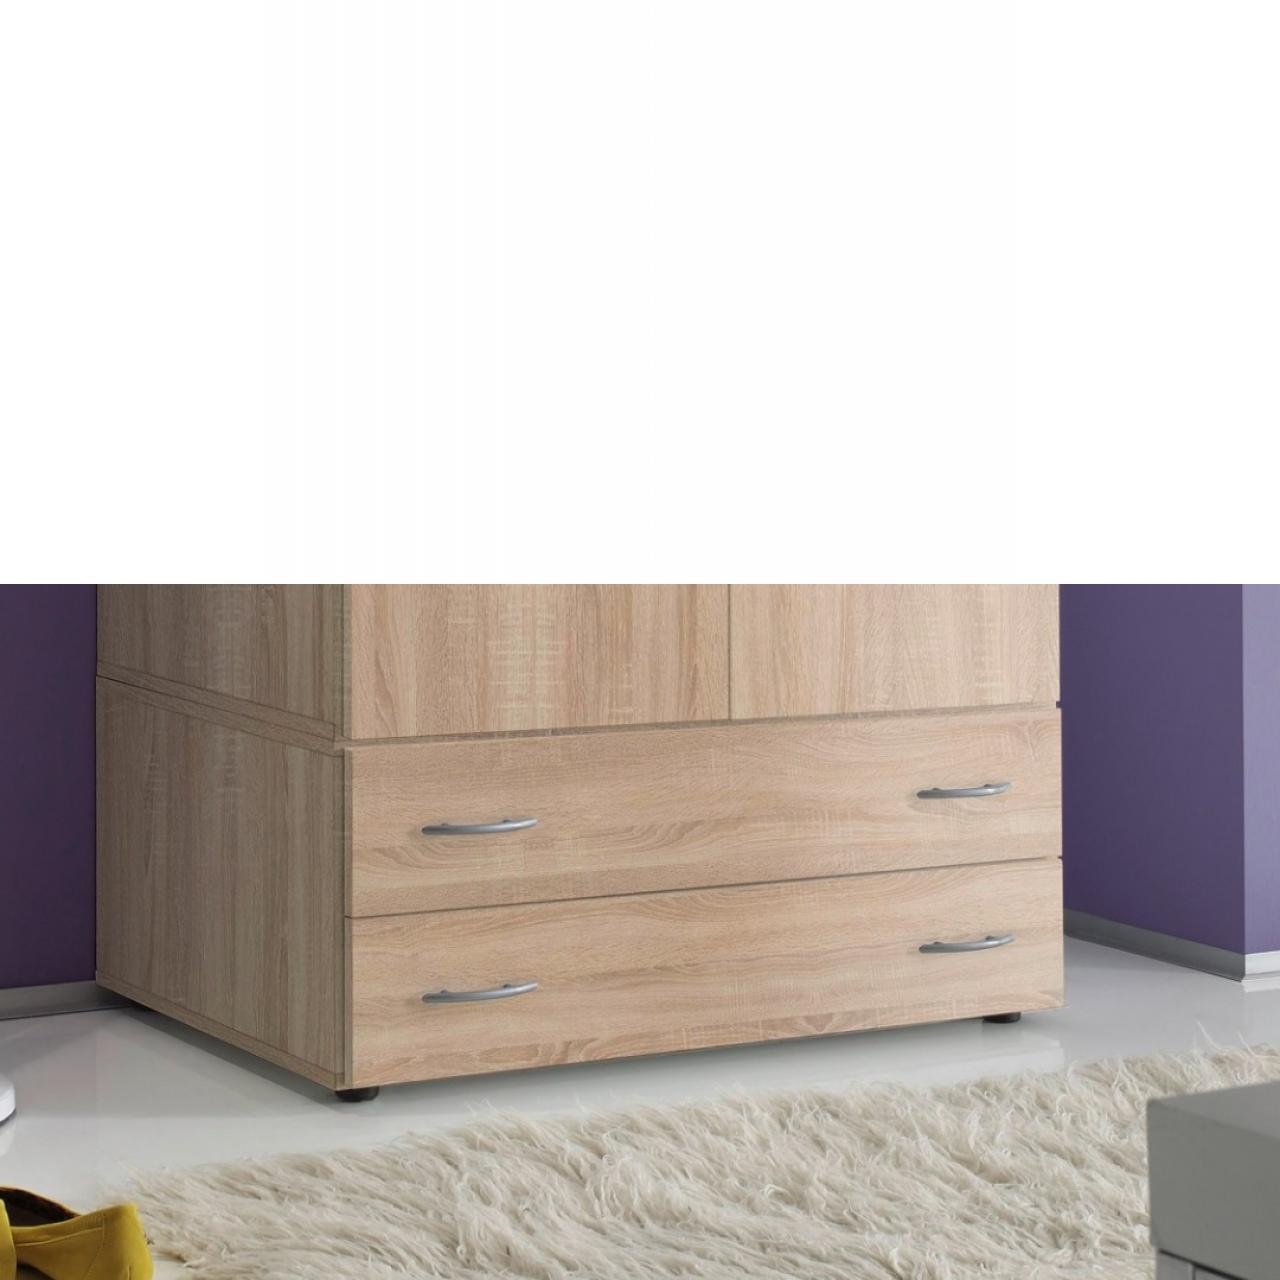 untersatz base 2 kleiderschr nke schlafen m bel. Black Bedroom Furniture Sets. Home Design Ideas